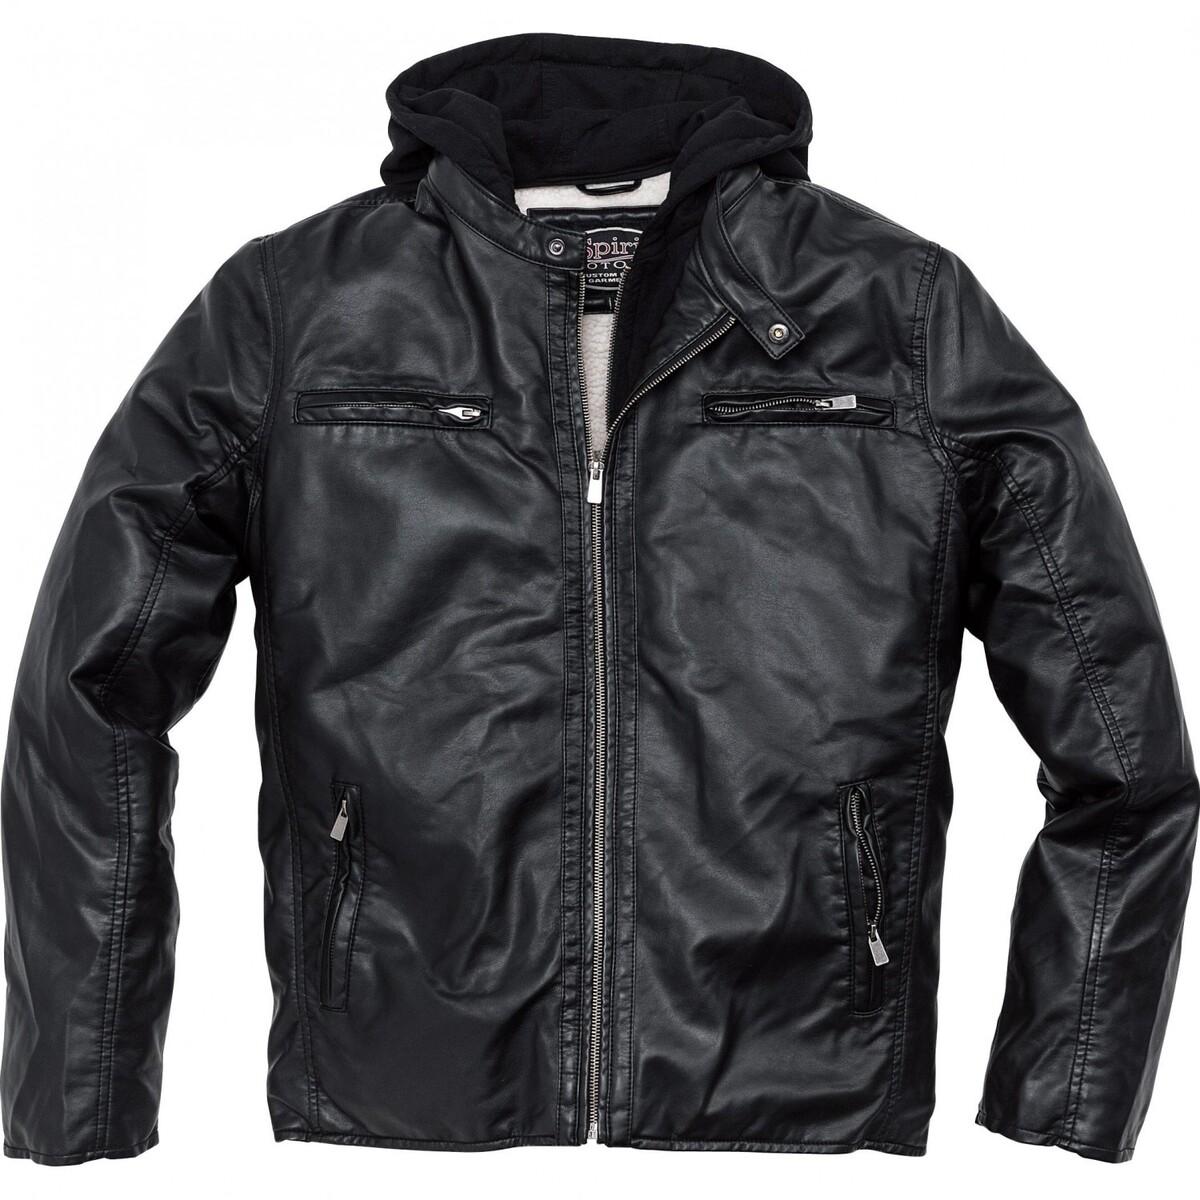 Bild 1 von Spirit Motors Freizeit-Urban Jacke 1.0 schwarz Herren Größe M